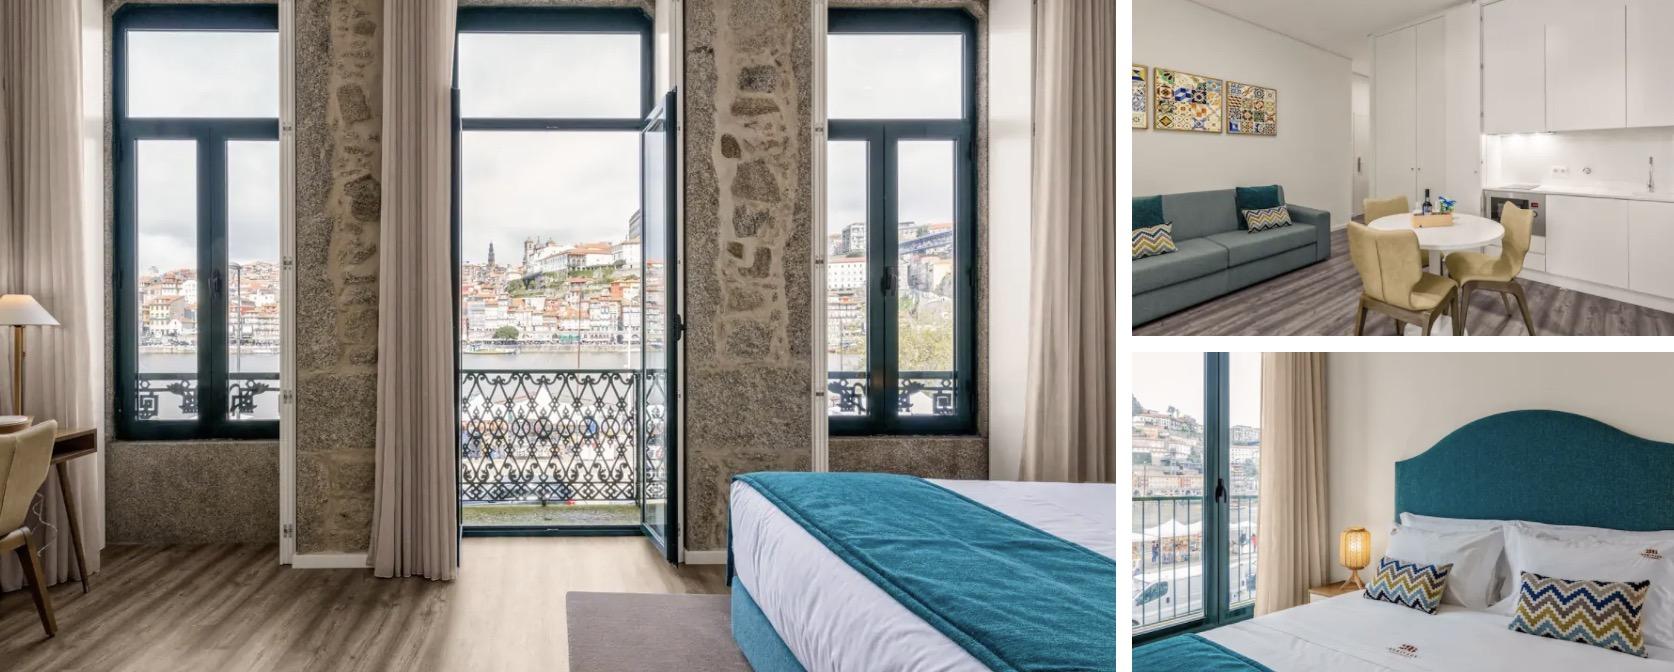 Appartement Airbnb avec vue sur le Douro